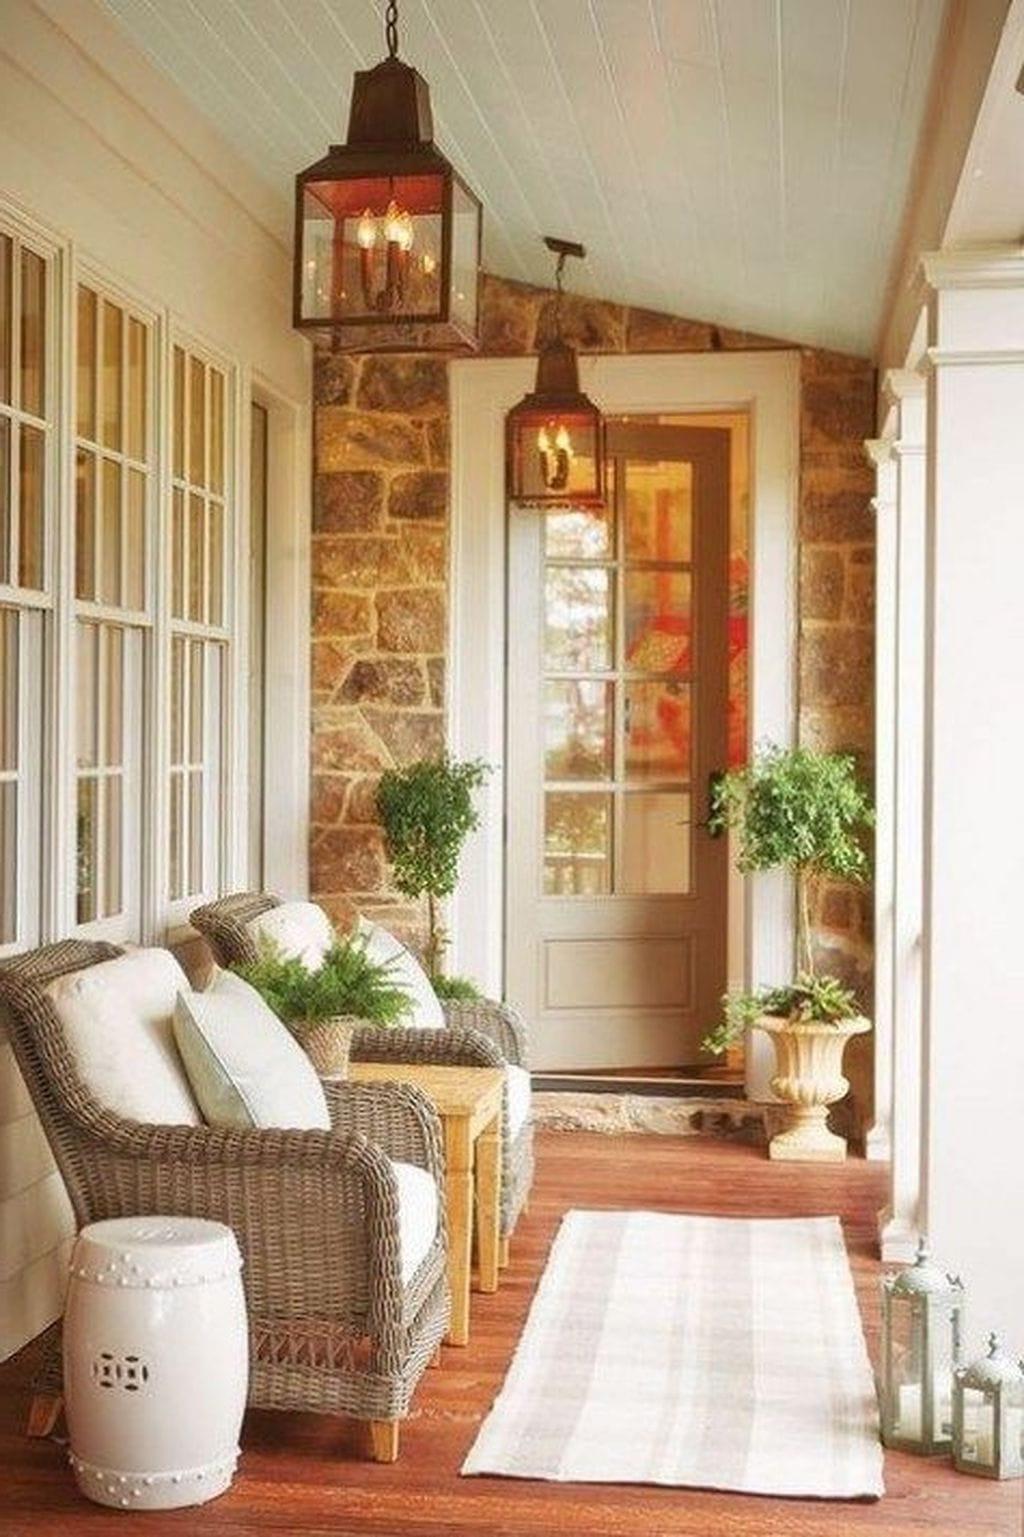 Мебель из ротанга гармонично сочетается с каменной отделкой дома